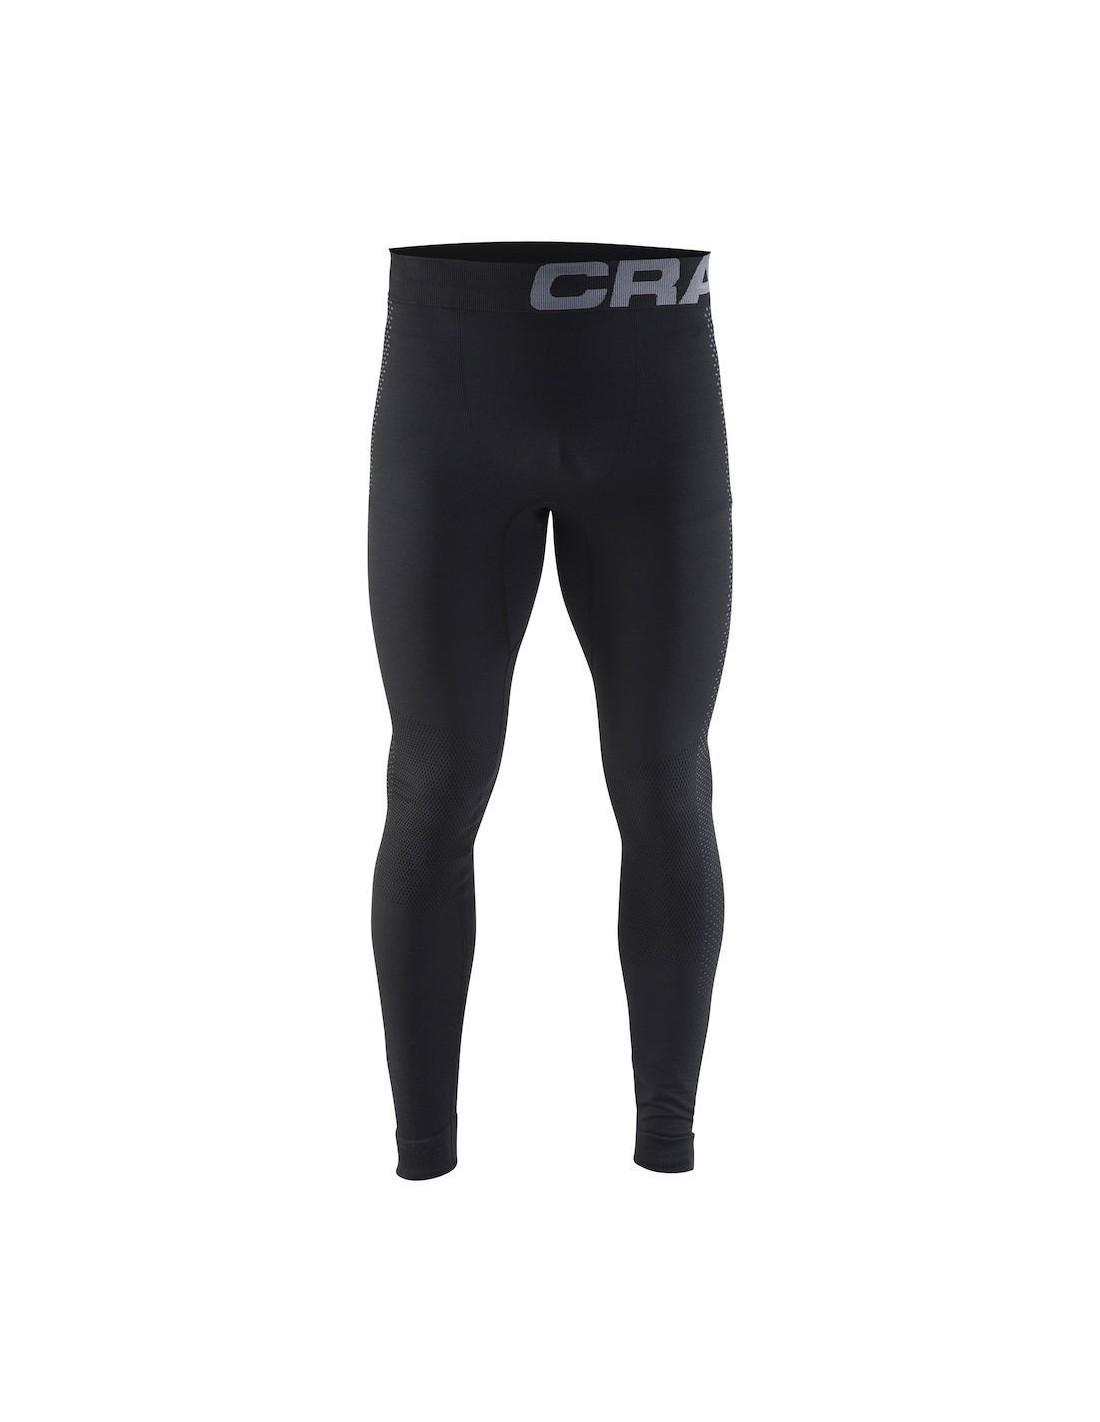 fdf54f7ef63a6e Spodnie termoaktywne męskie Craft Warm Intensity Pants, czarne - STSklep